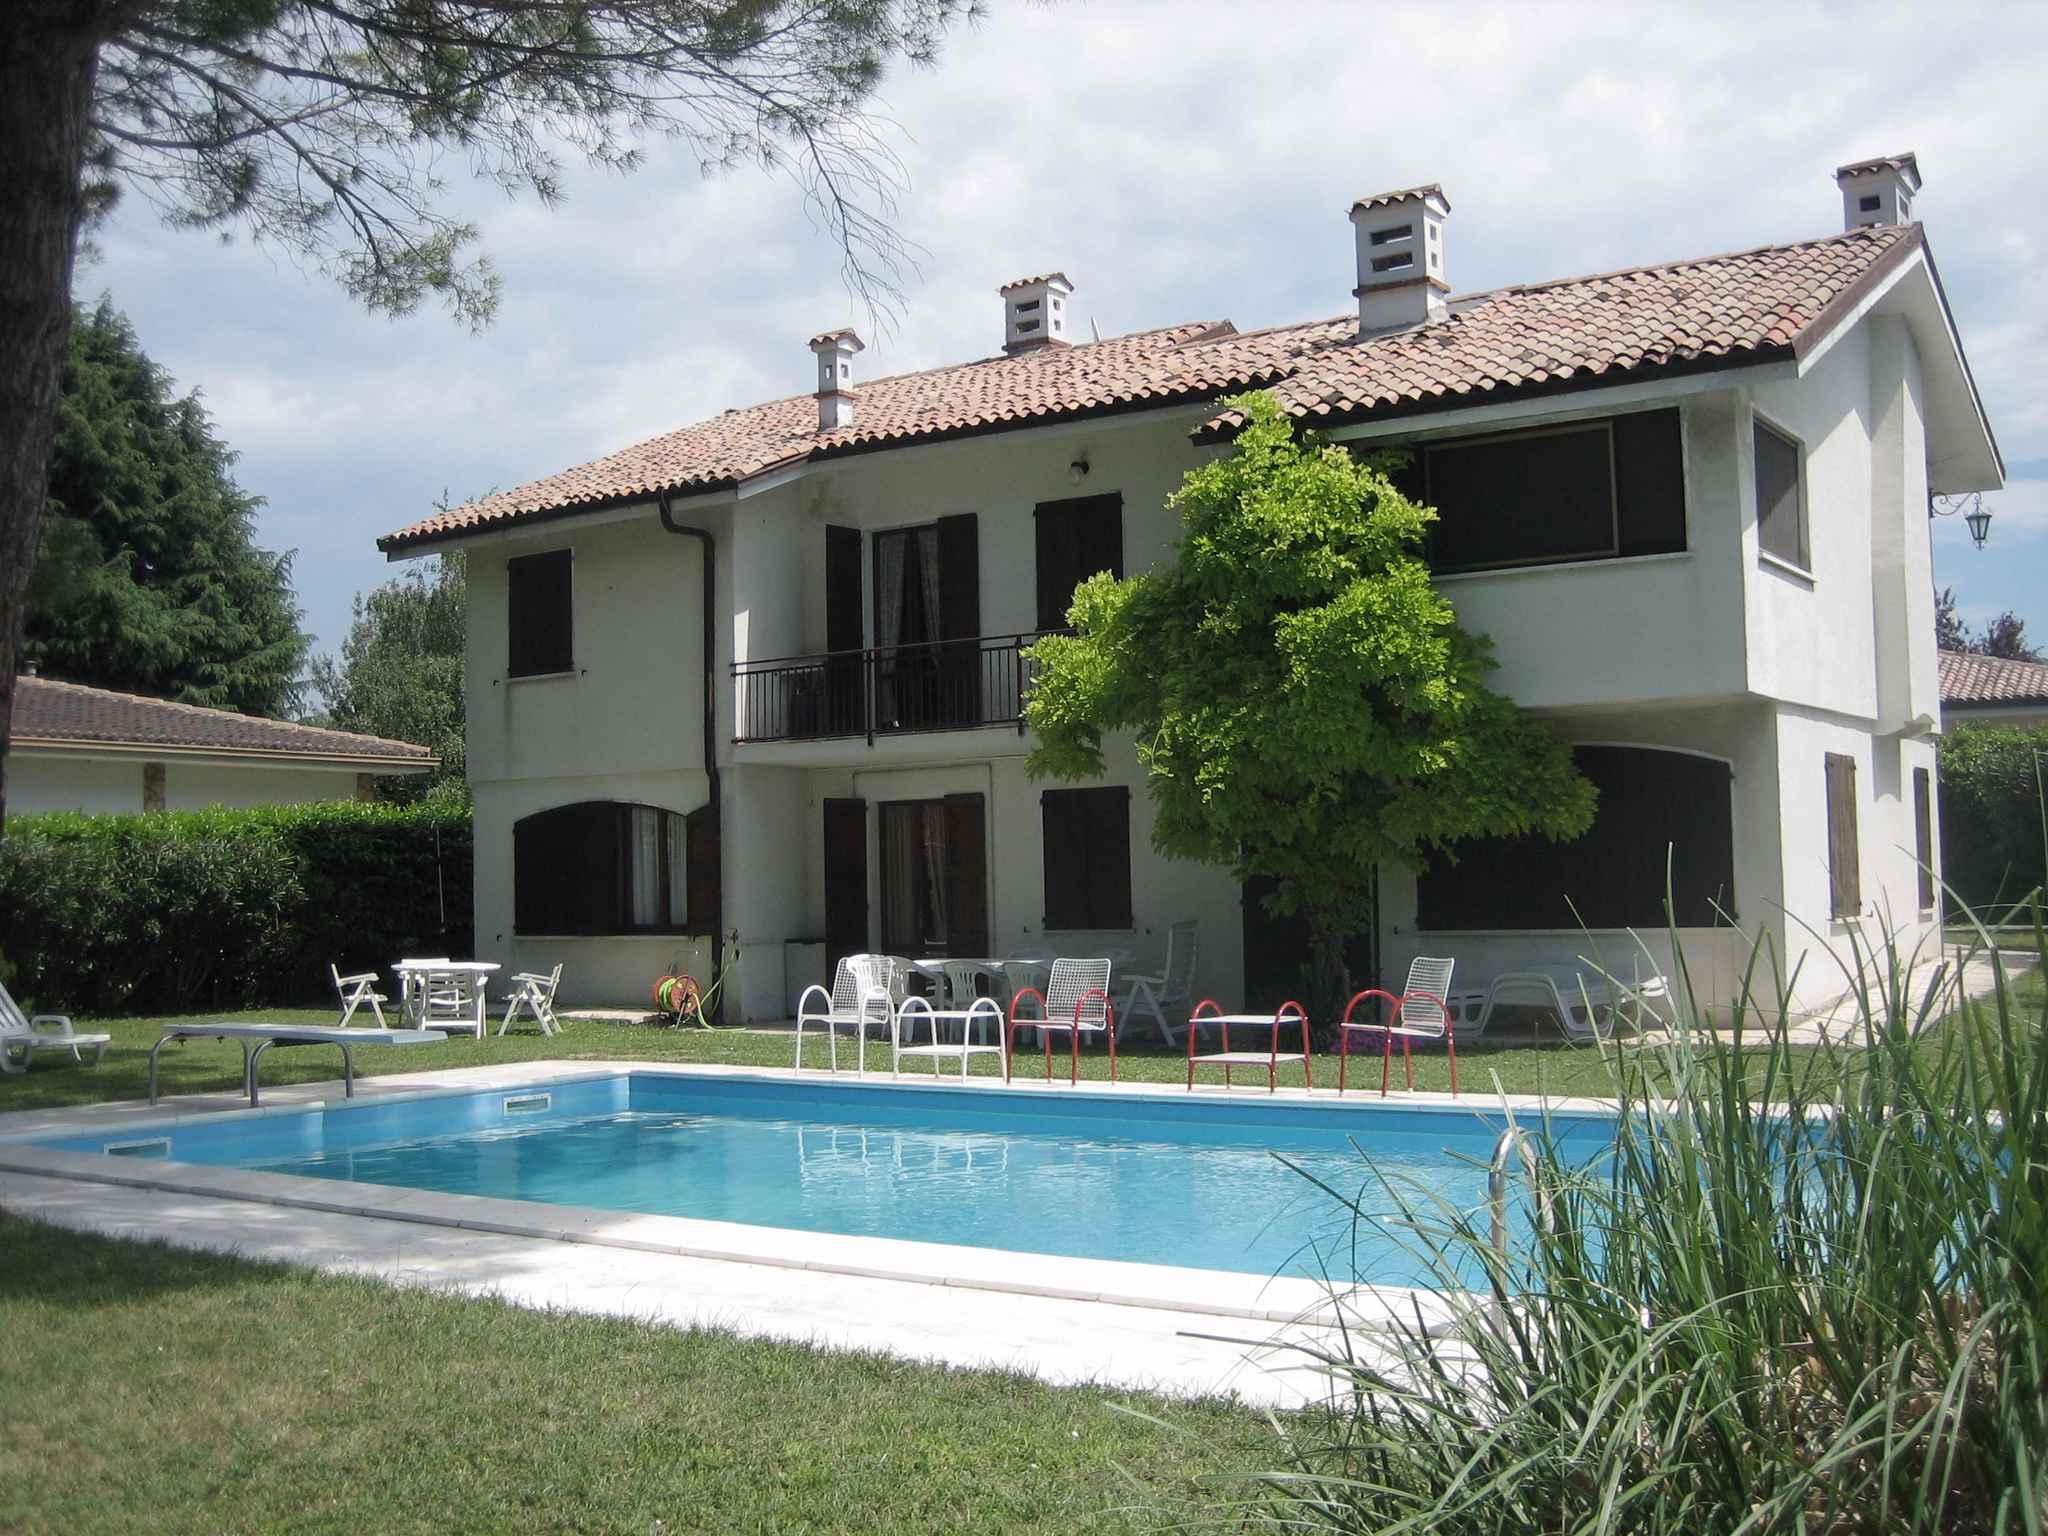 Ferienhaus con terrazza e piscina (491823), Lazise, Gardasee, Venetien, Italien, Bild 2